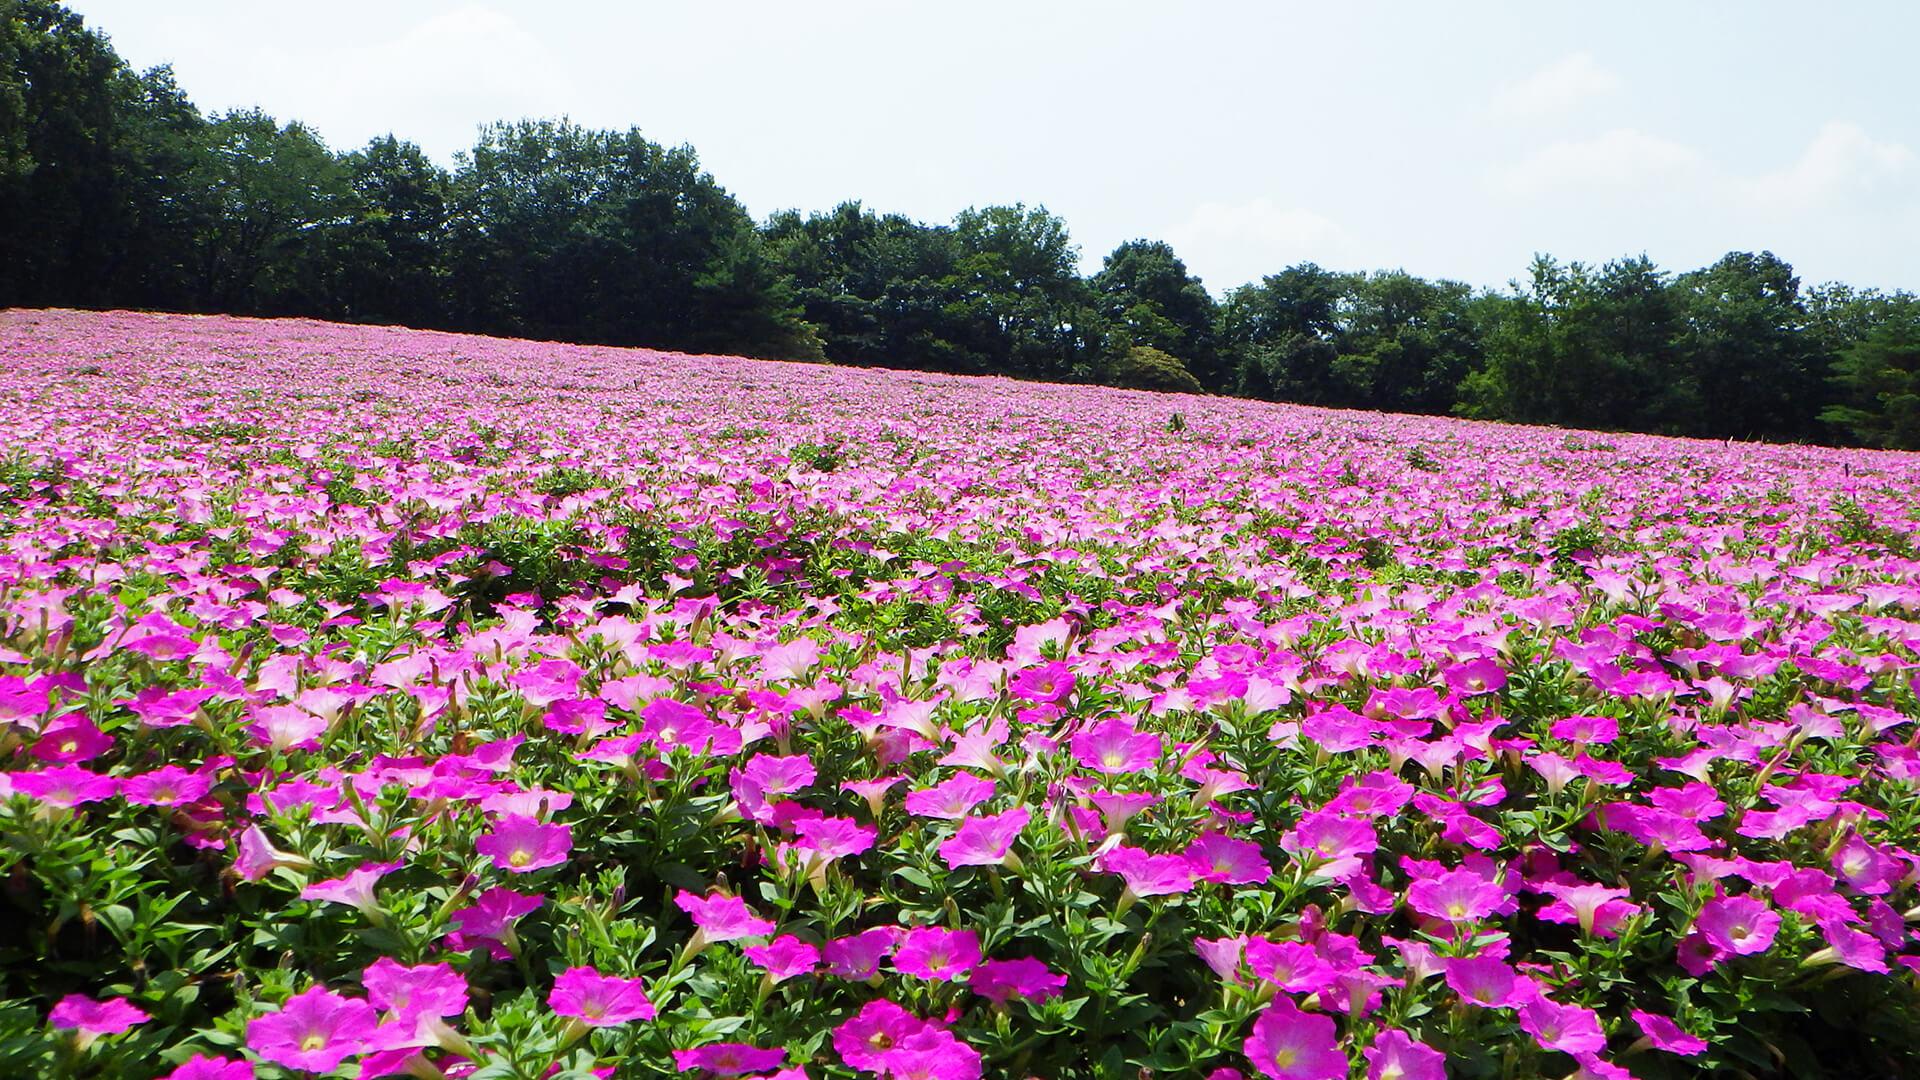 この写真は国営武蔵丘陵森林公園で咲く、約1万株の「ペチュニア」の様子・一面満開です